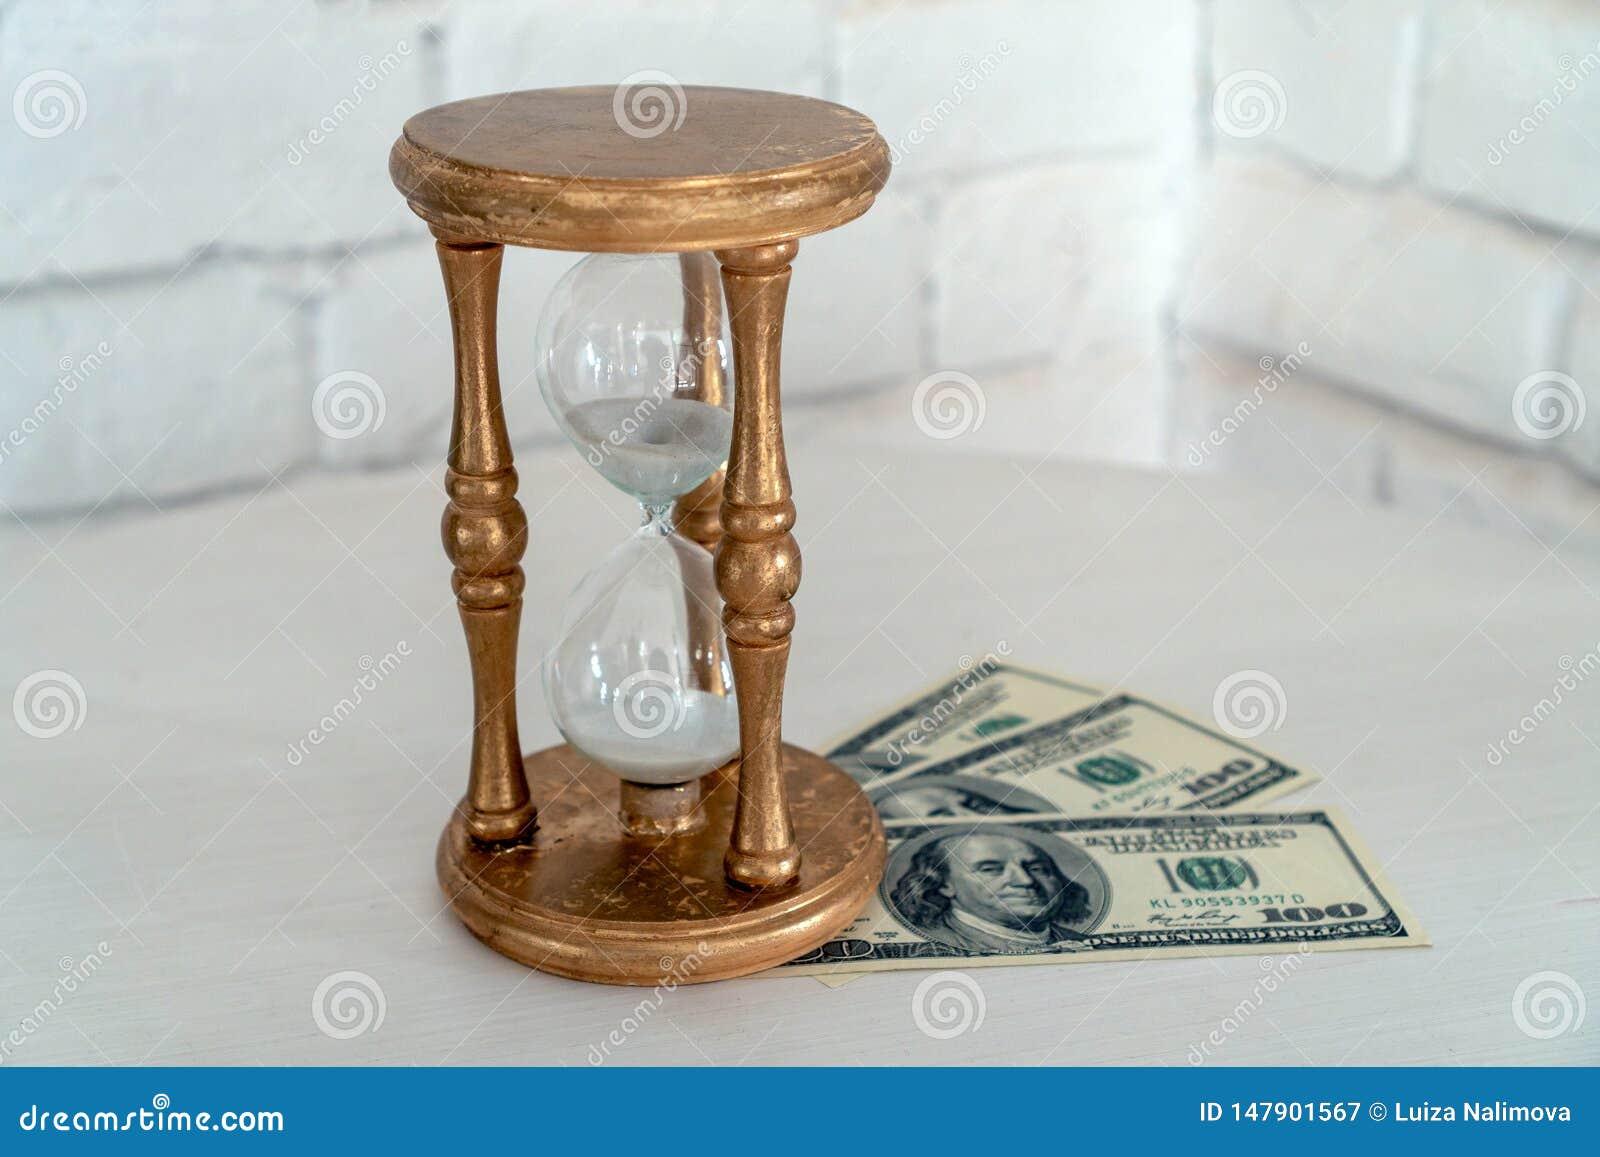 Reloj de arena y dinero de madera en un fondo blanco El concepto del tiempo es oro